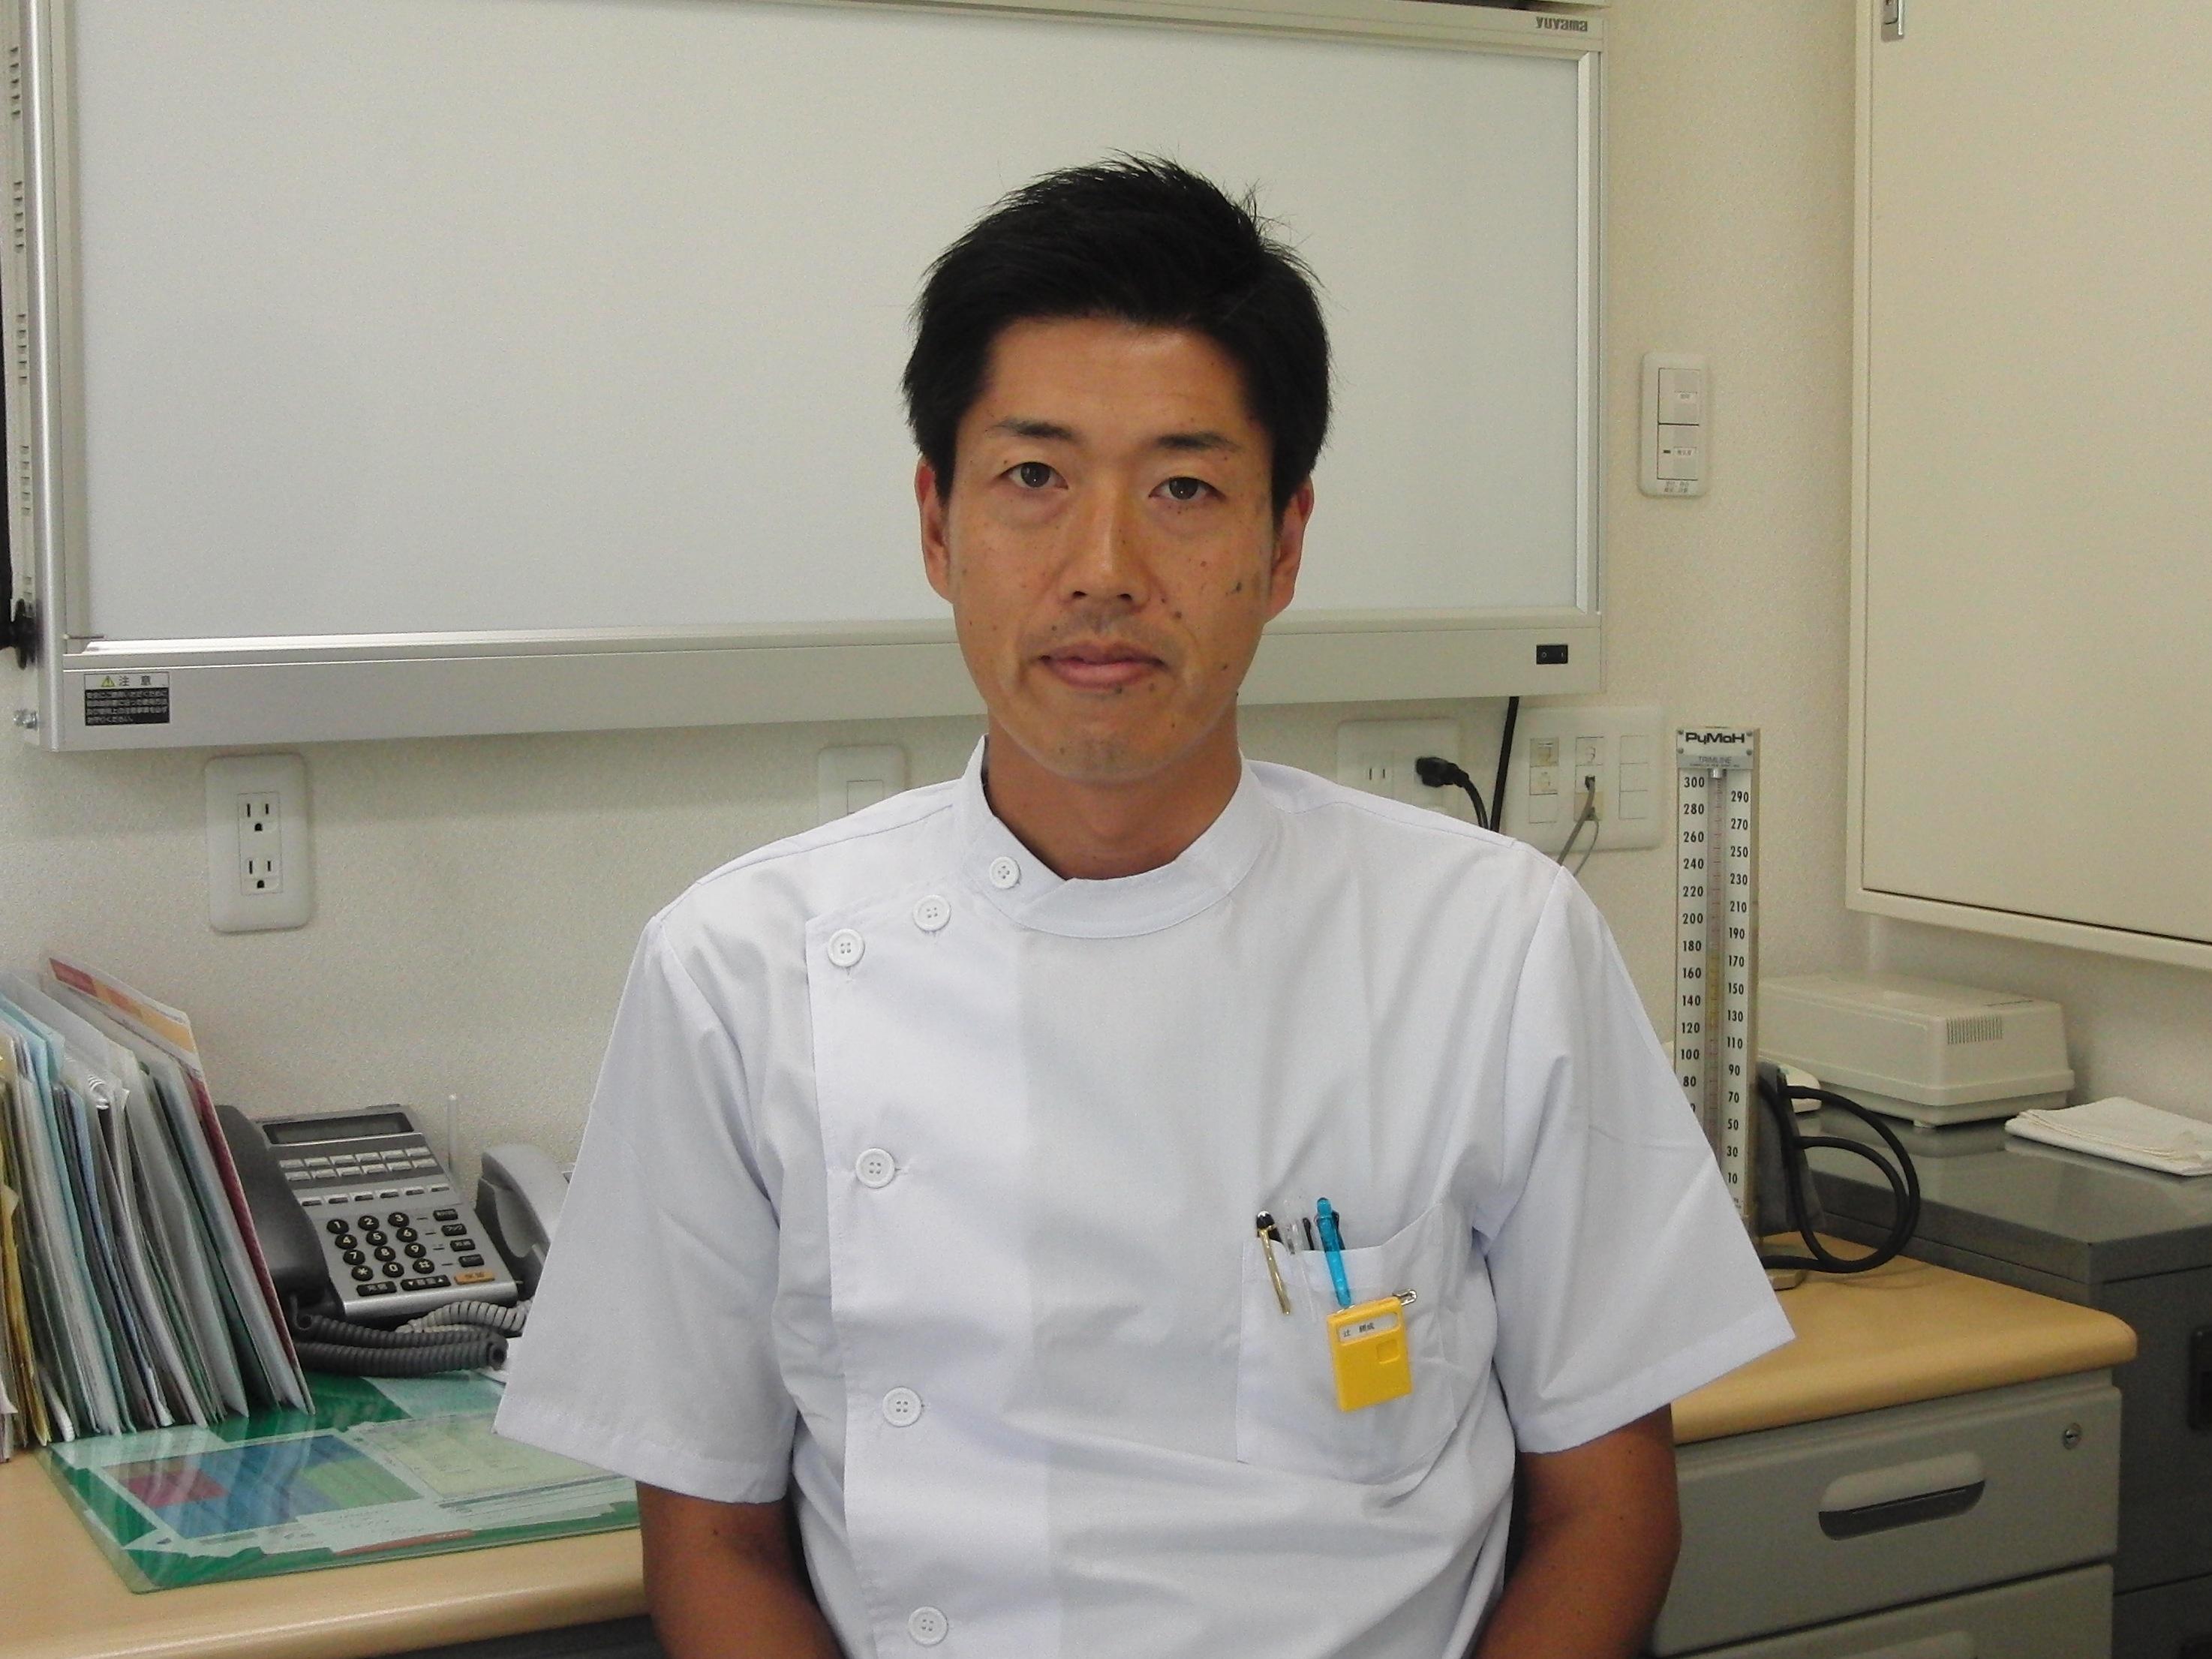 辻診療所 大阪府大阪市西淀川区姫里2-1-22